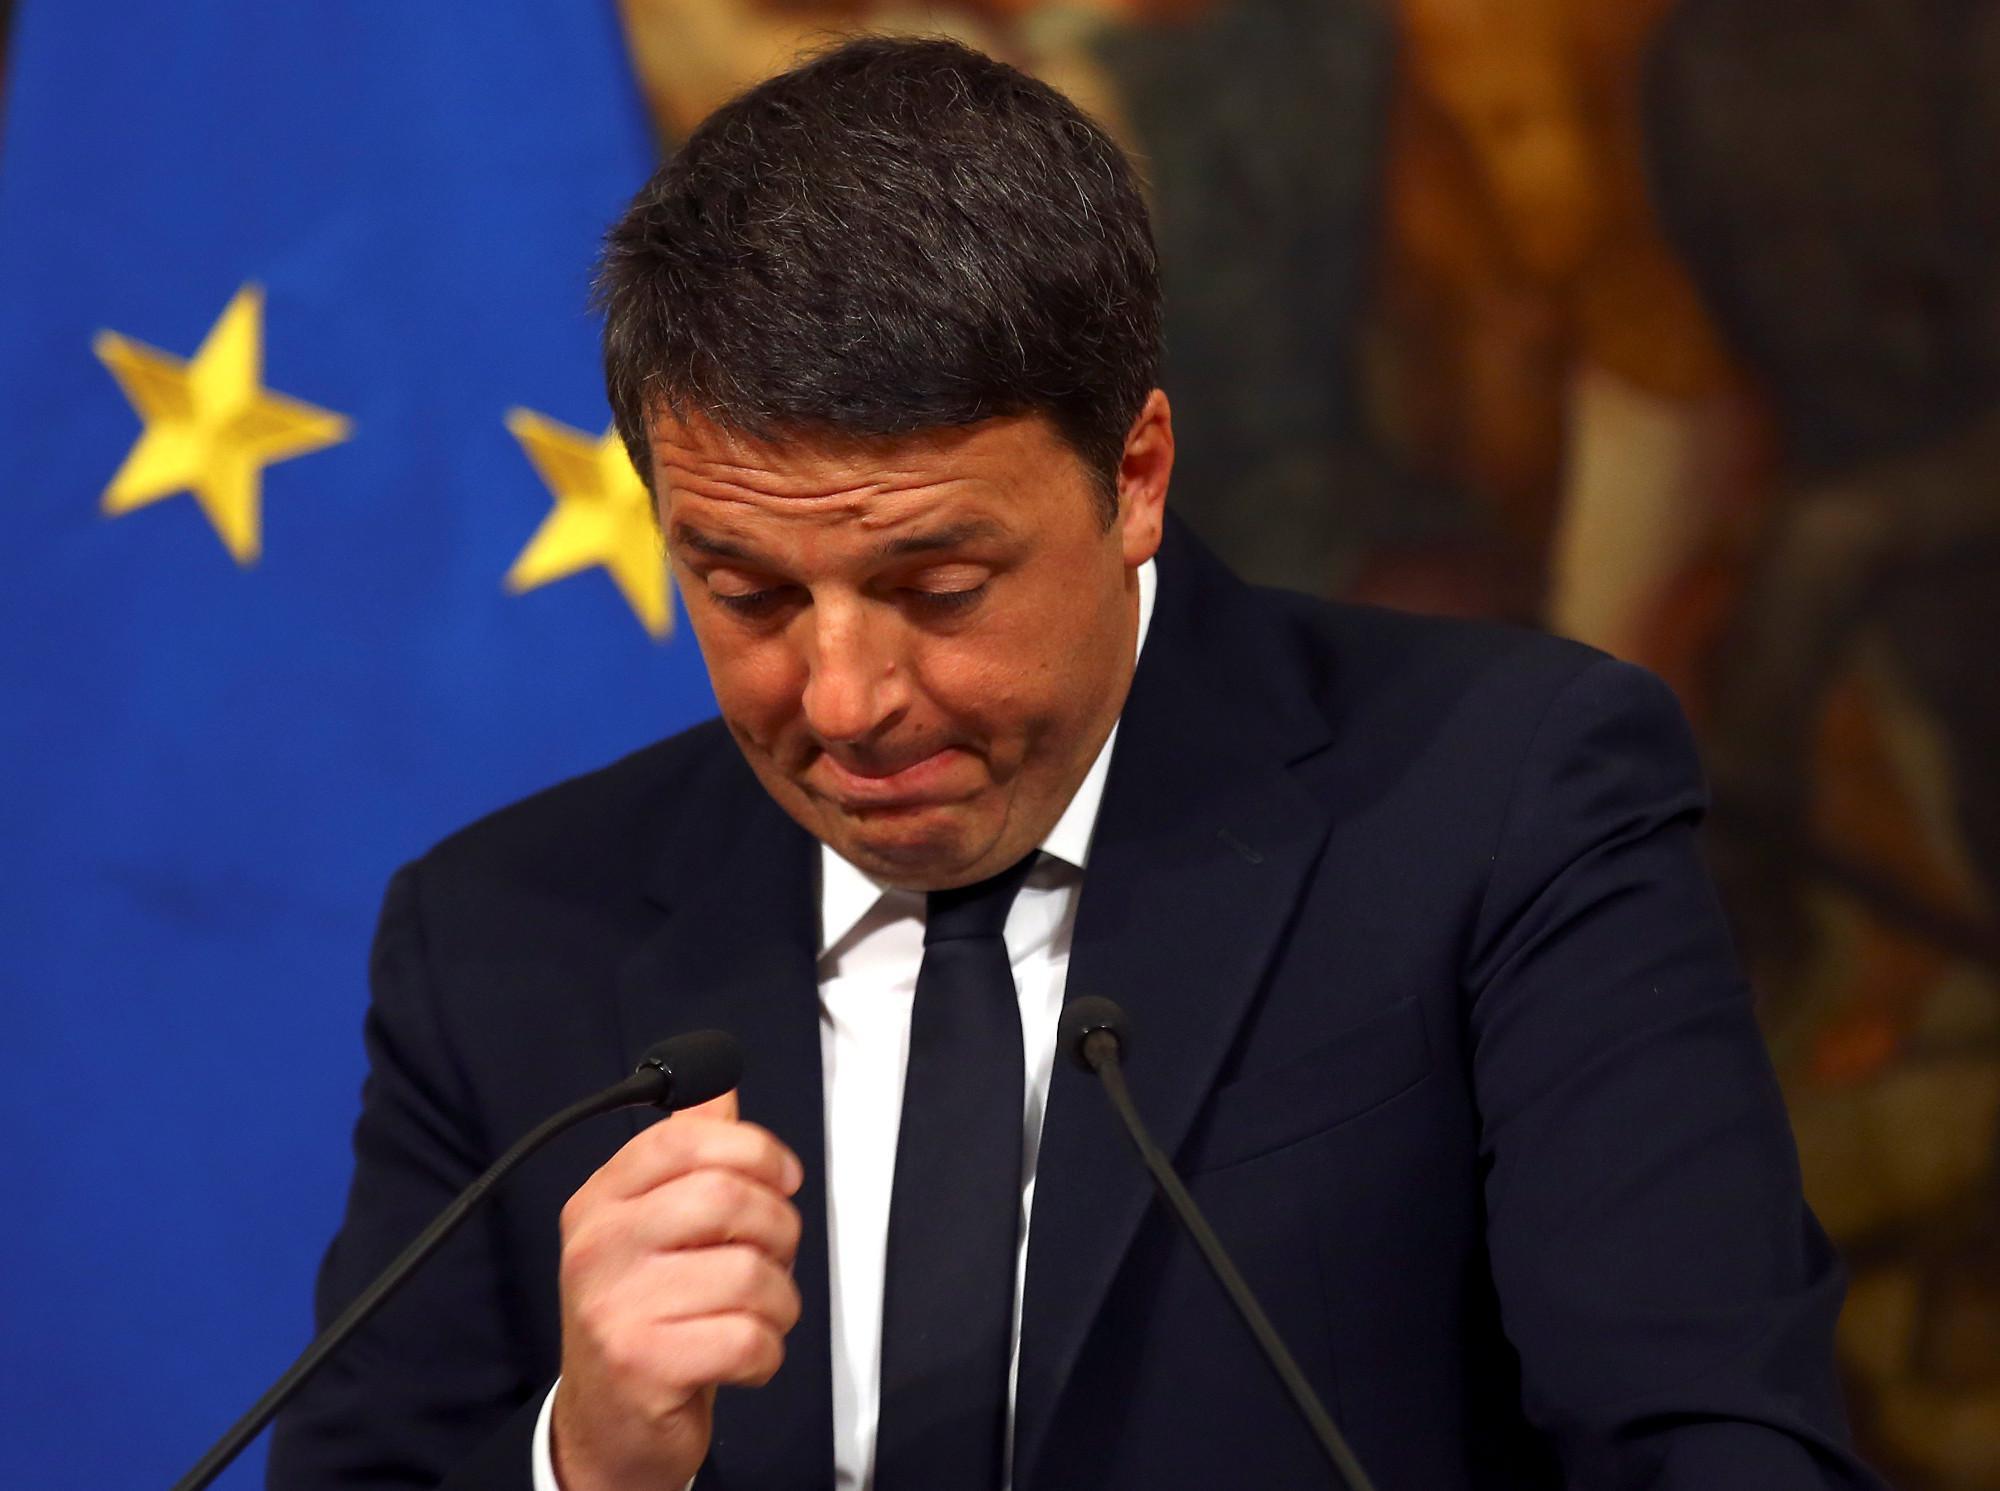 Αποτέλεσμα εικόνας για Tι σημαίνει το «Νo» και ποια η επόμενη μέρα για την Ιταλία